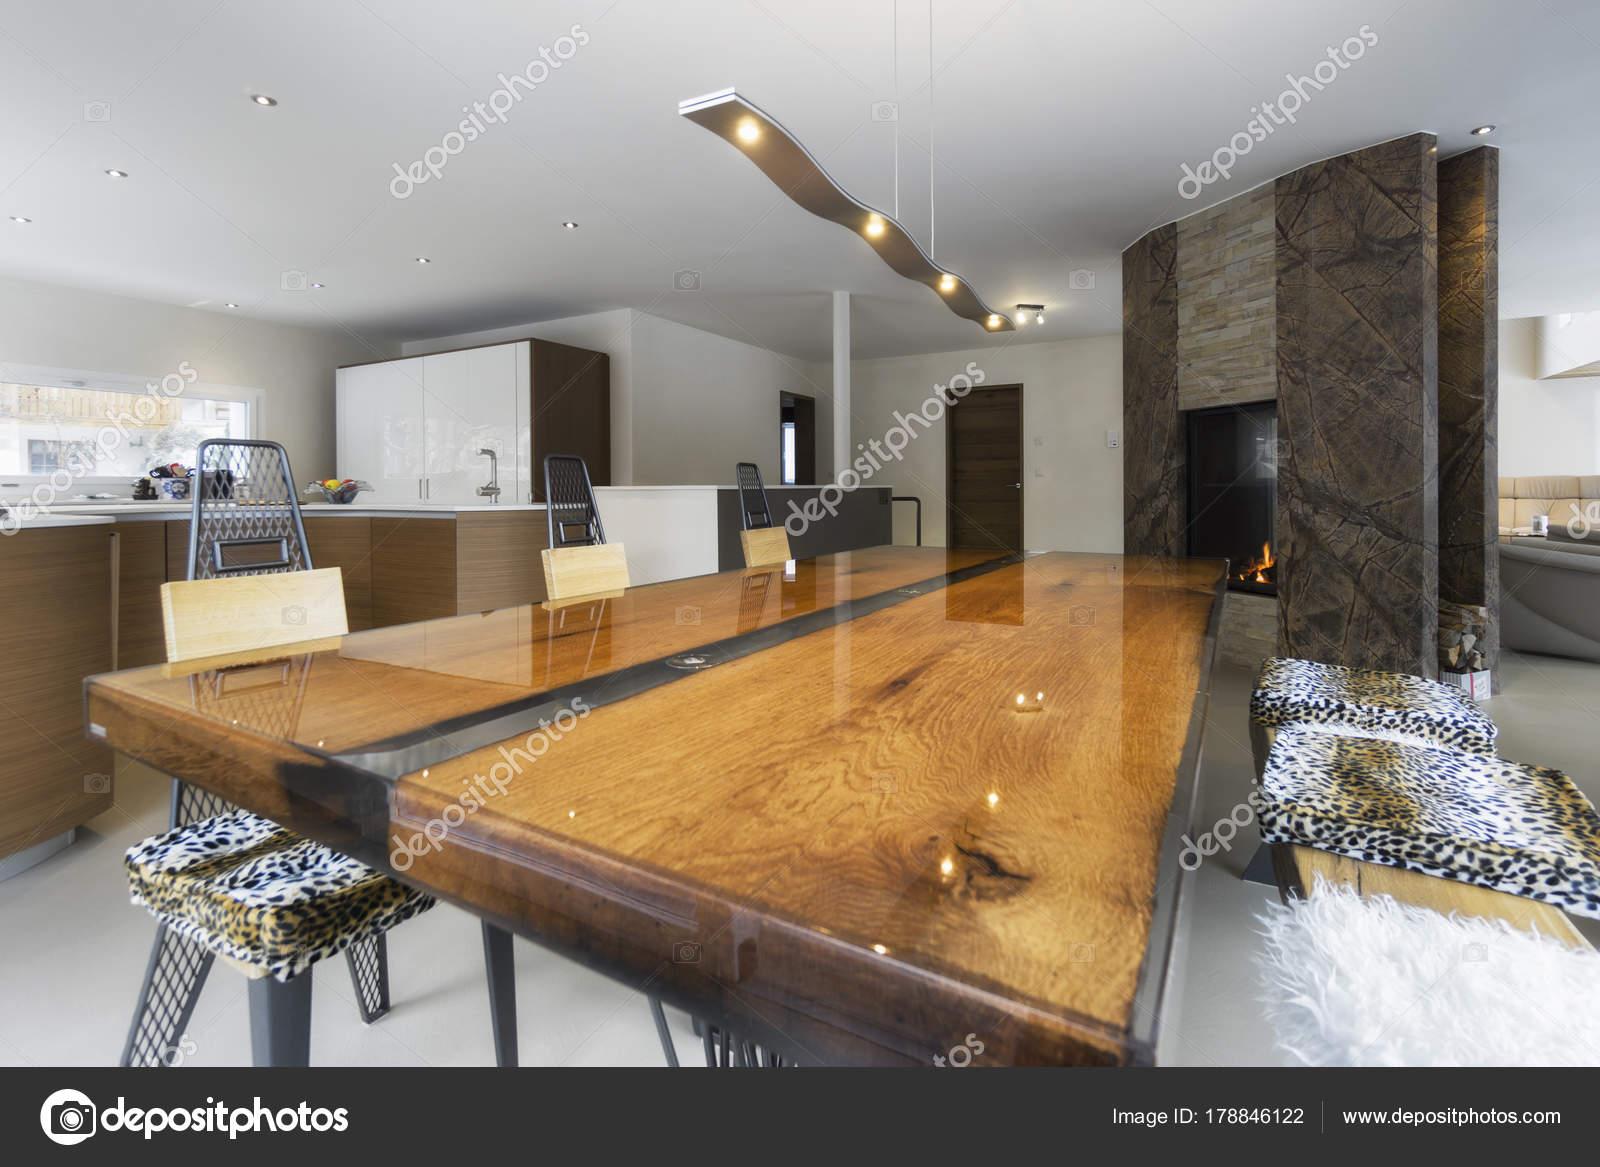 Grote keuken en antieke houten tafel in moderne stijl u stockfoto